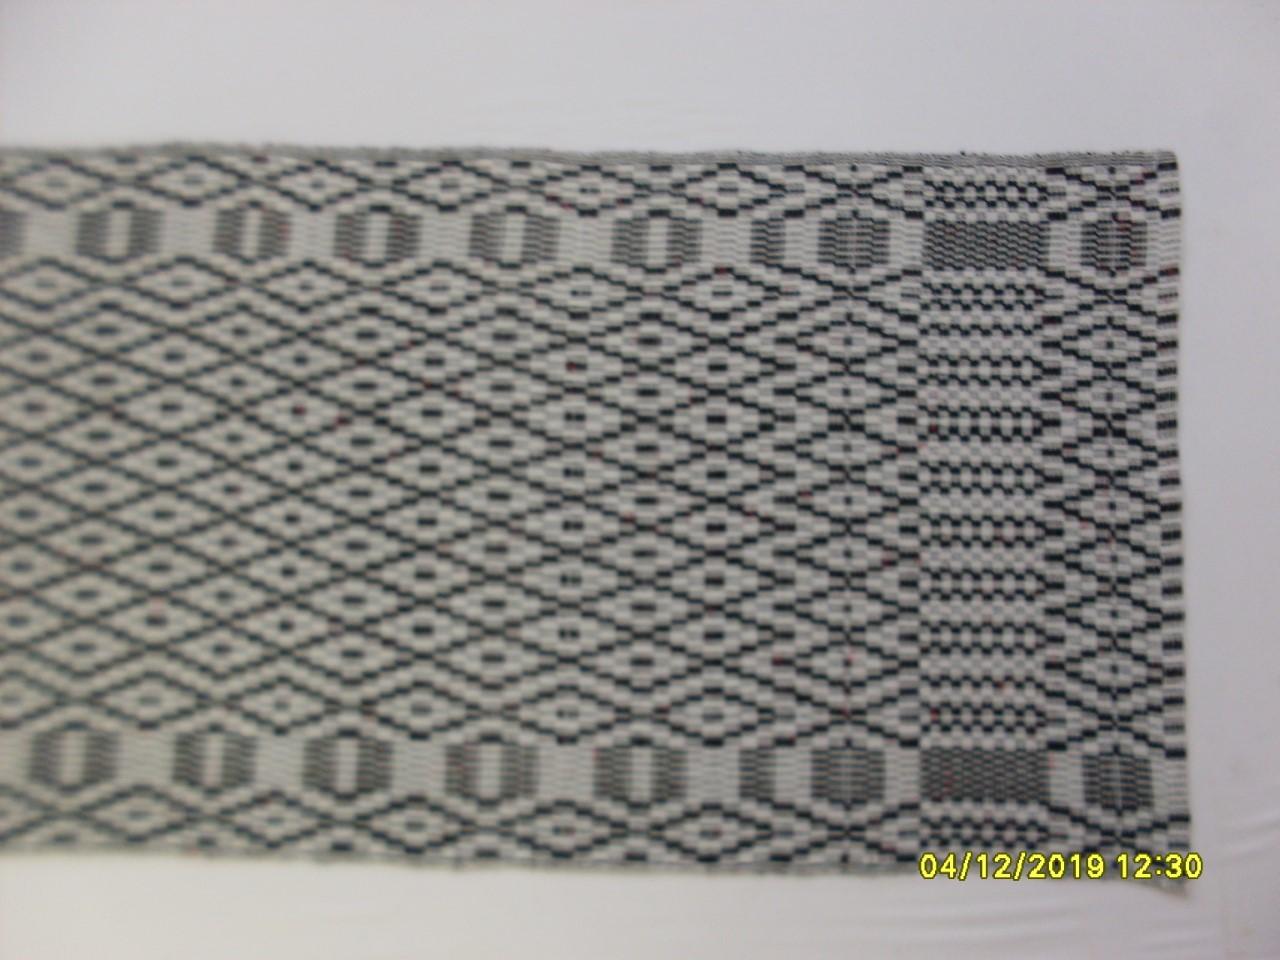 Hand Woven Irish Linen Table Runner in Dark Gray and White